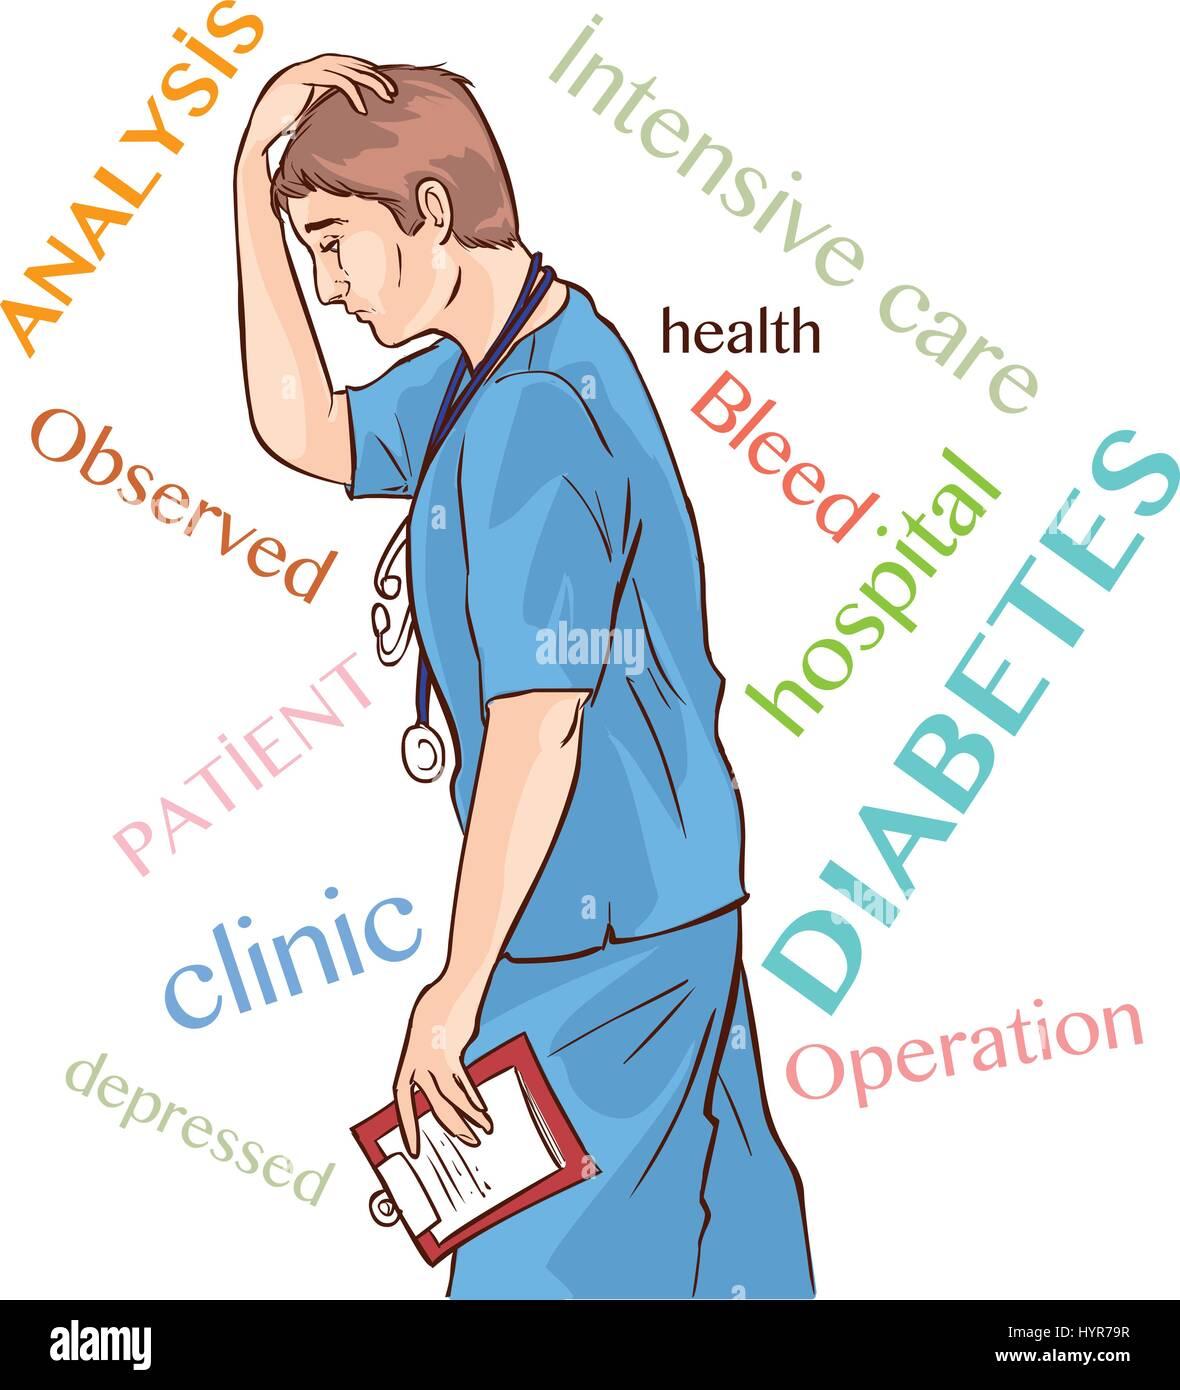 Image result for depressed doctor cartoon